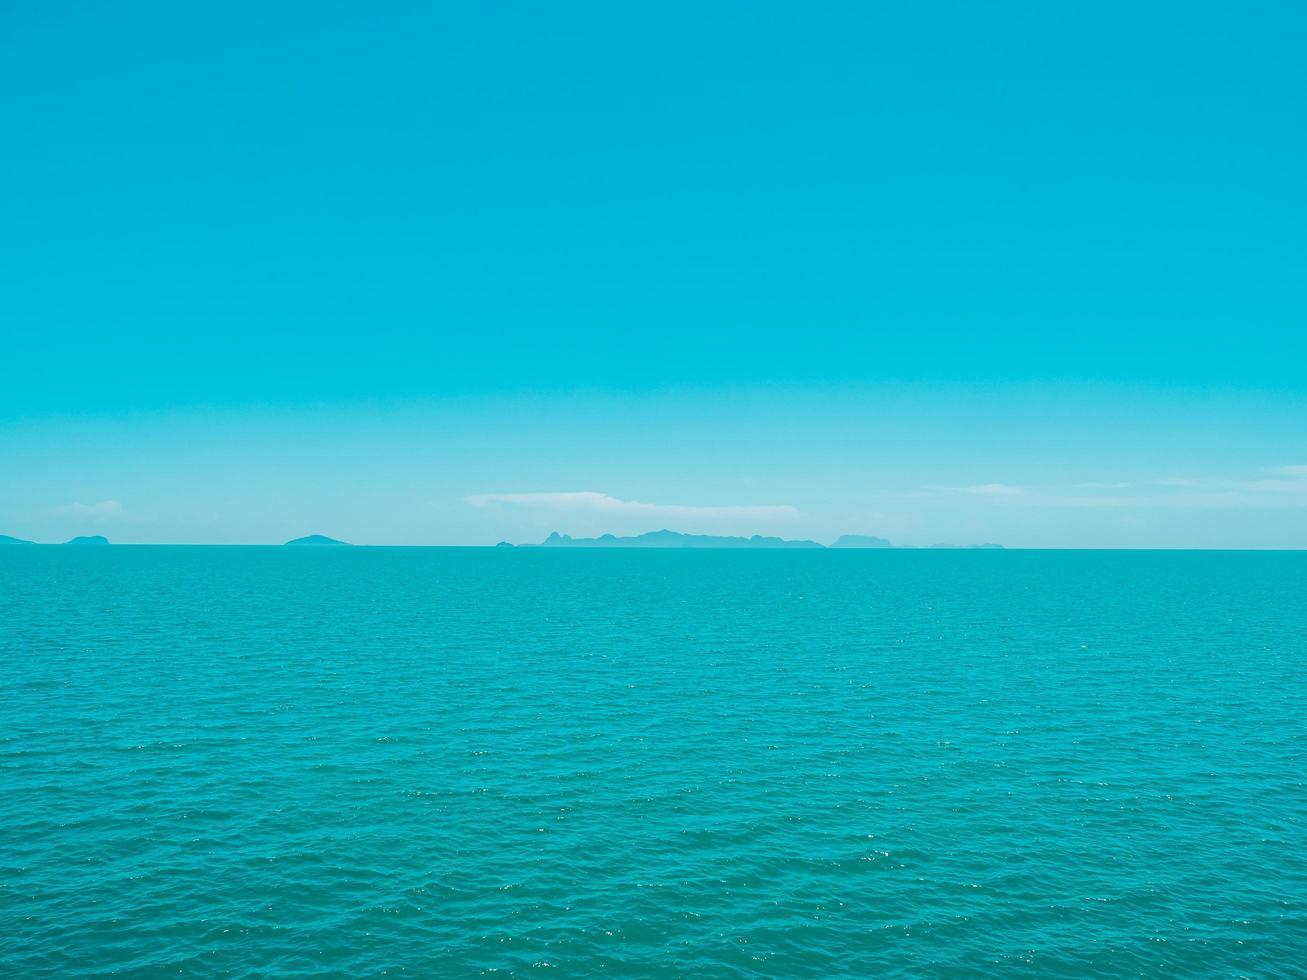 schönes tropisches Meer foto